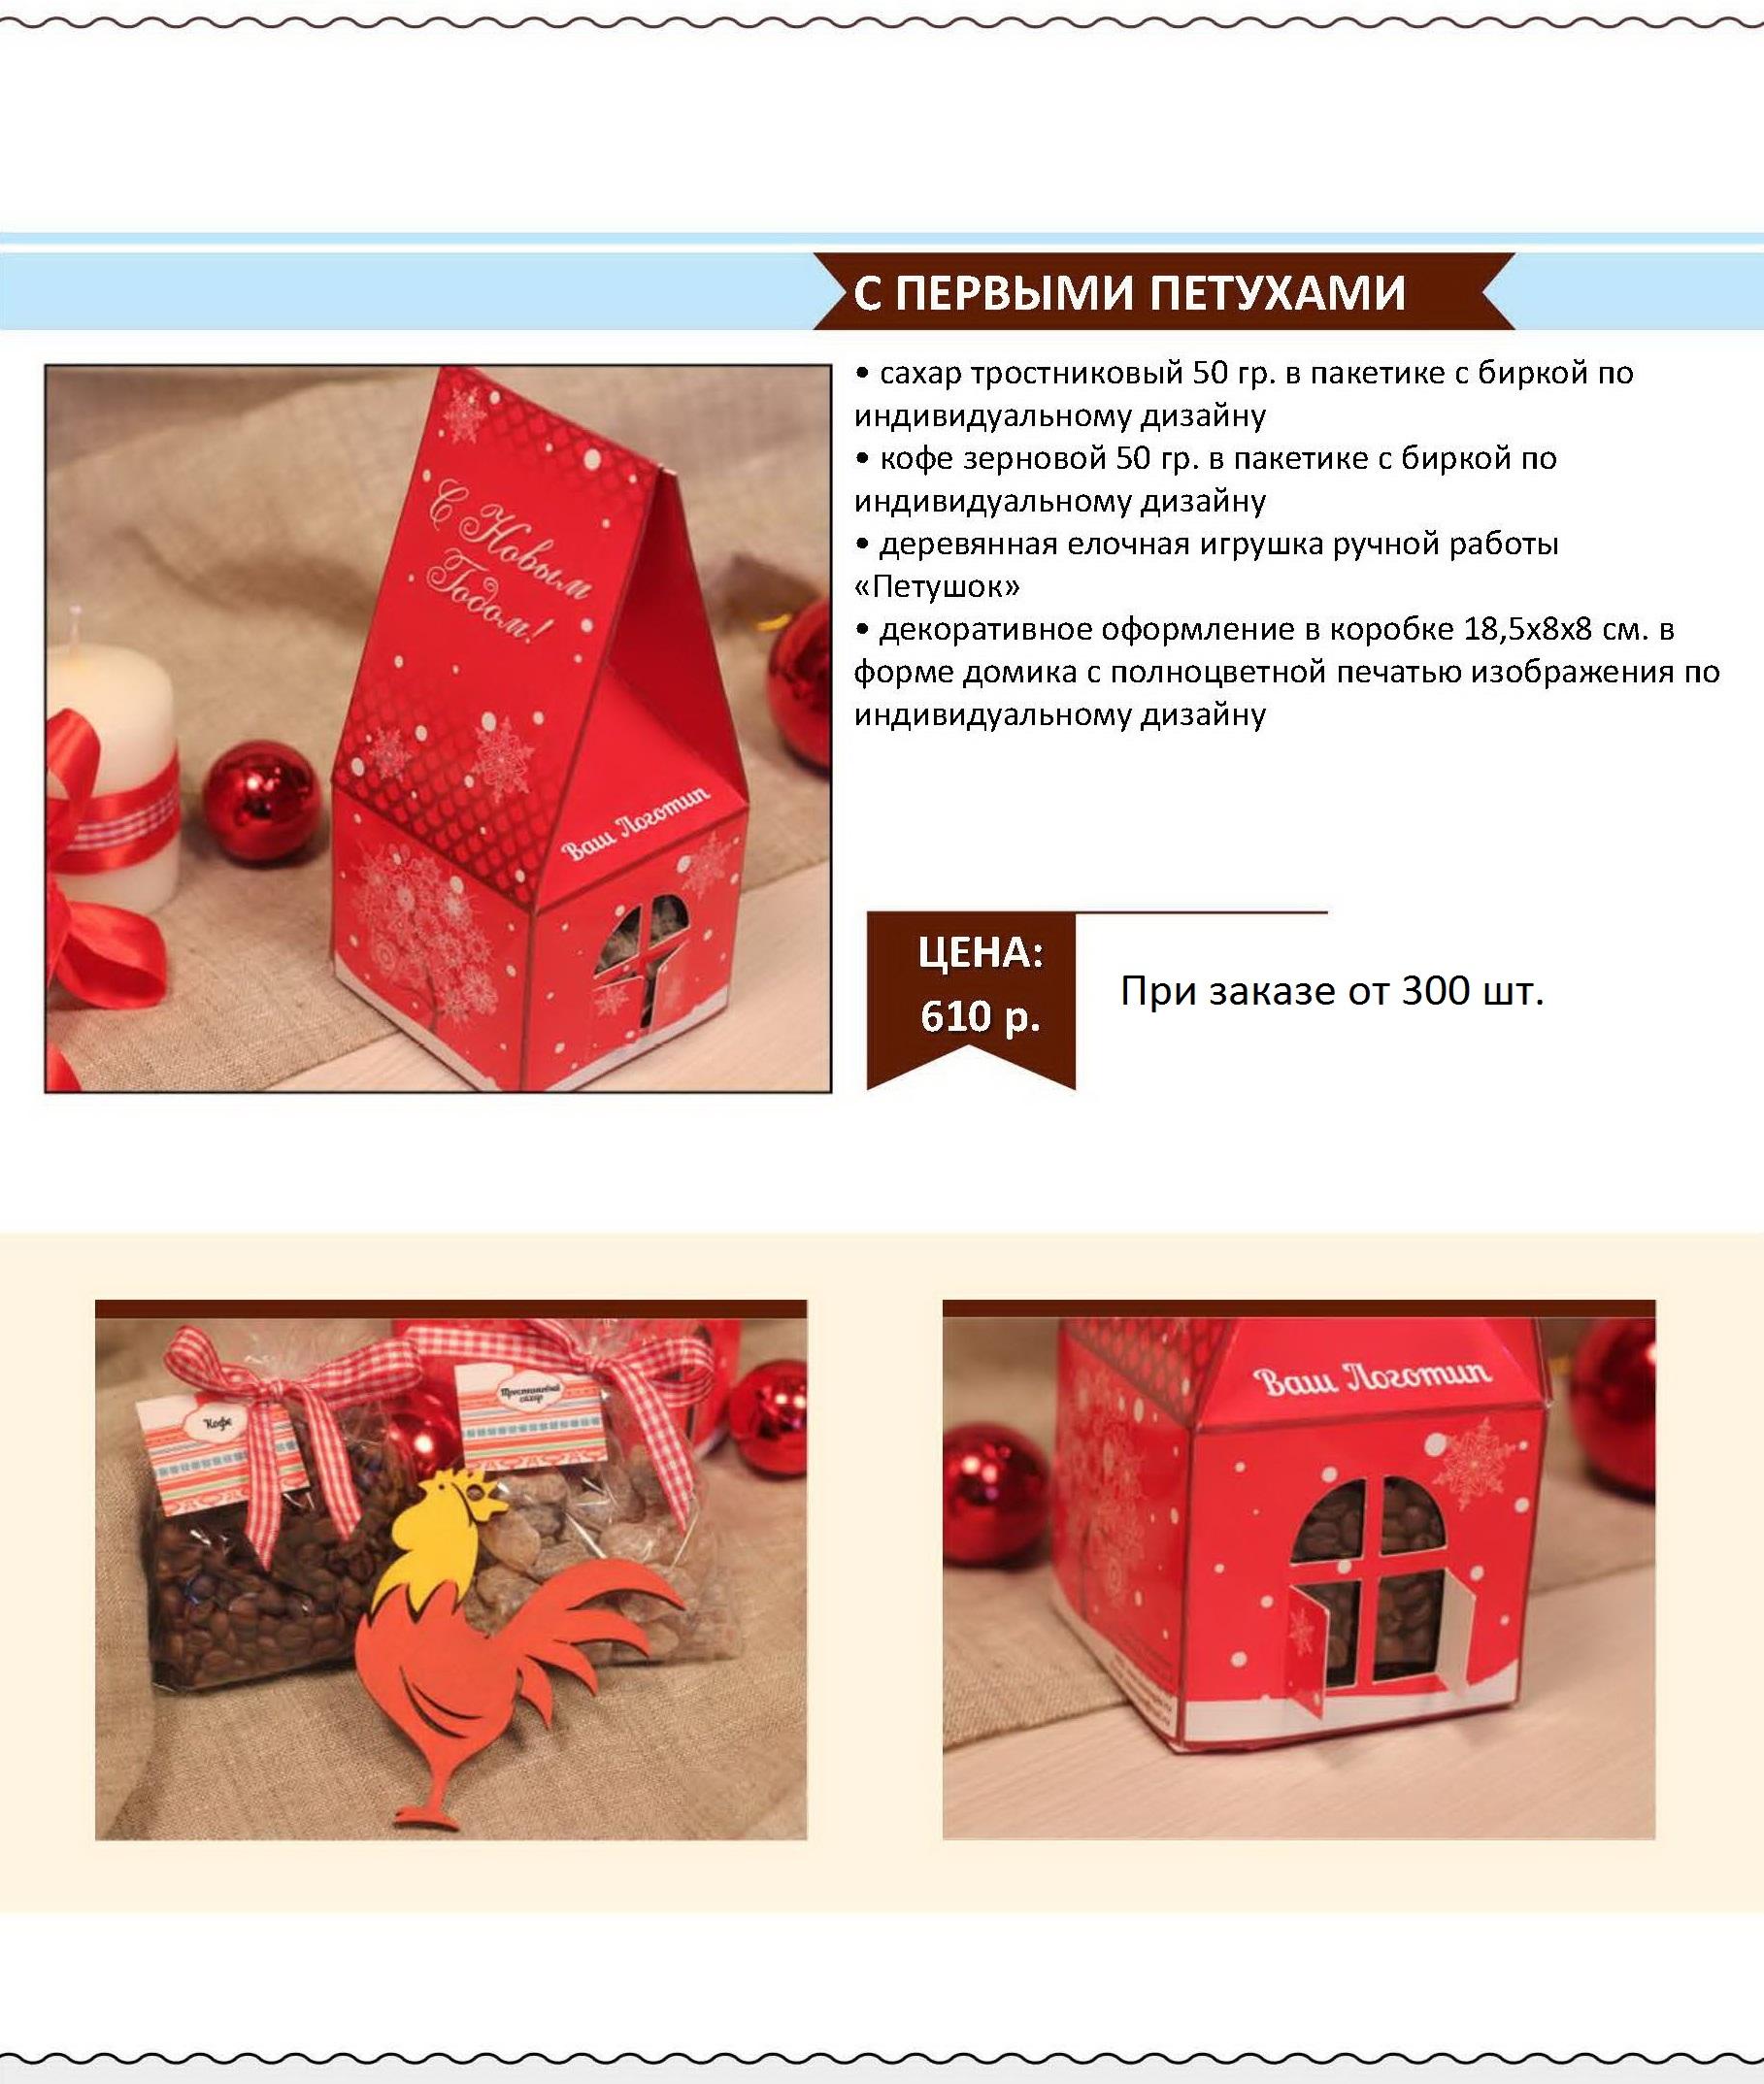 new_year_stranitsa_008